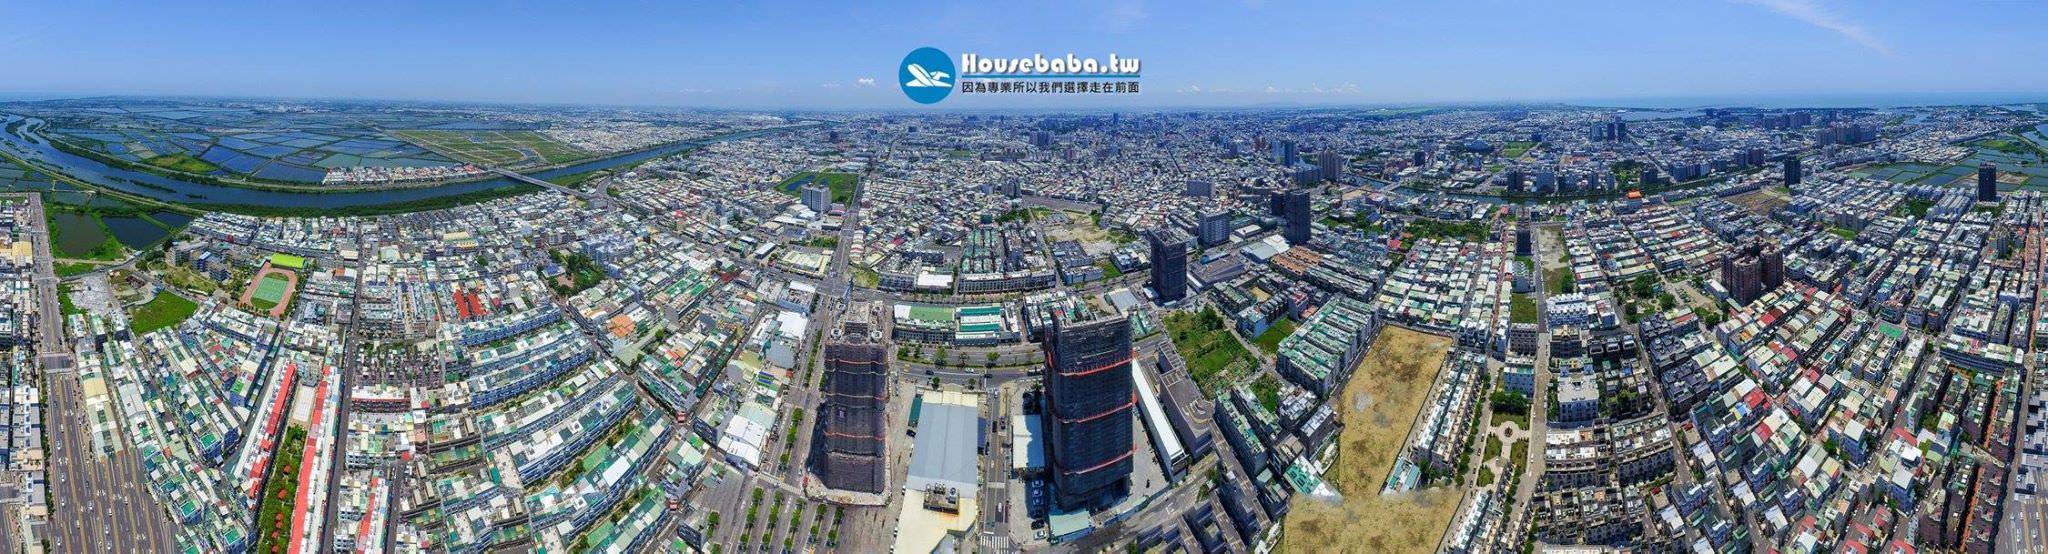 台南中西區 潛力熱點